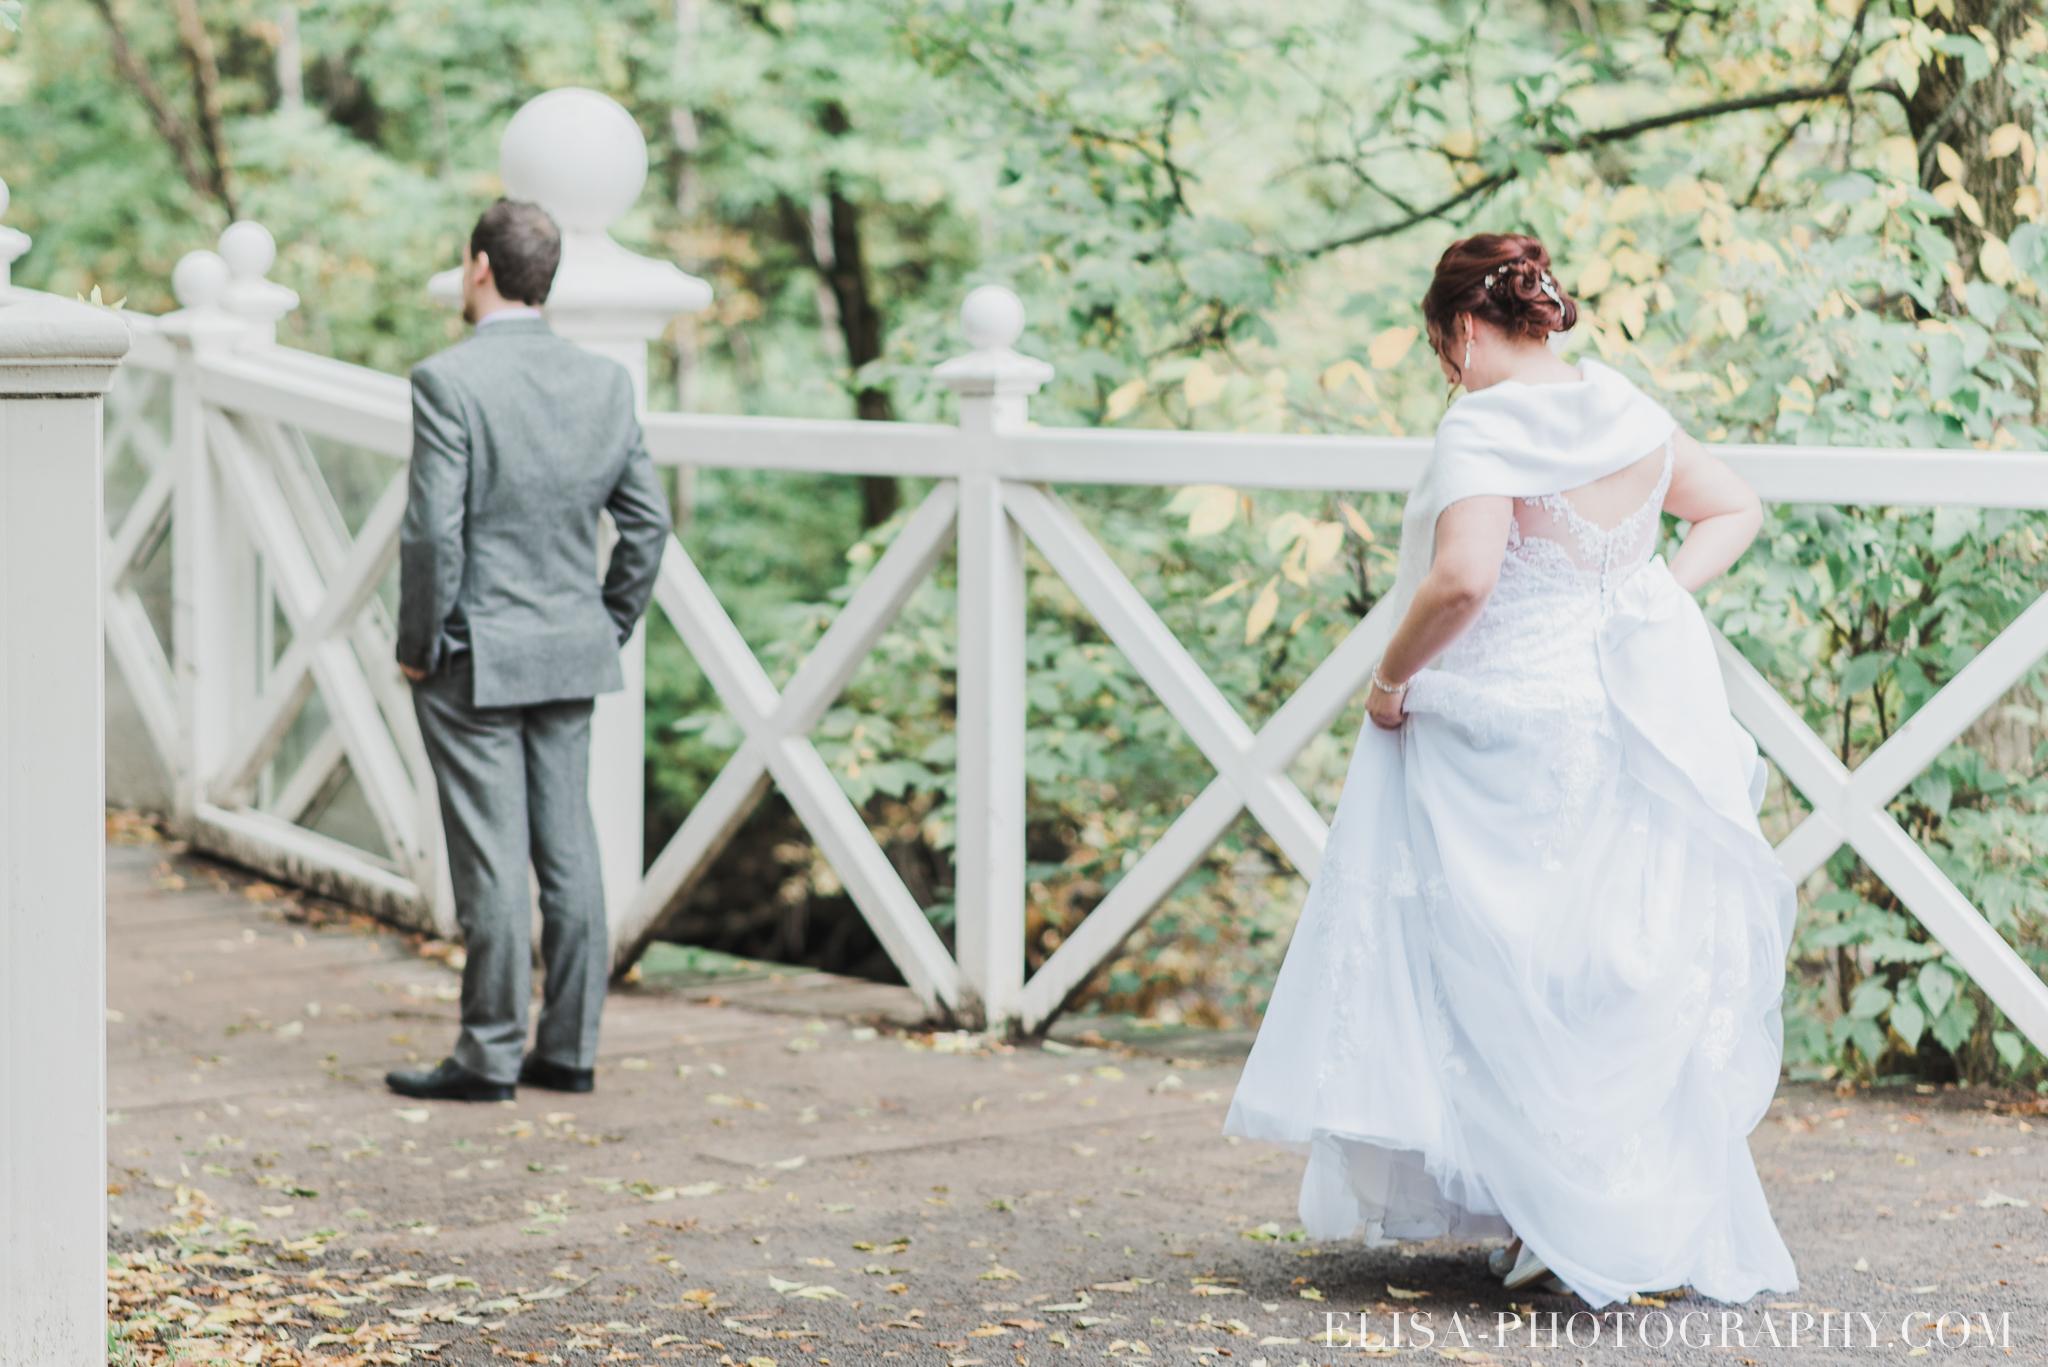 photo mariage quebec automne first look domaine maizeret 5293 - Mariage à saveur automnale à l'Espace Saint-Grégoire